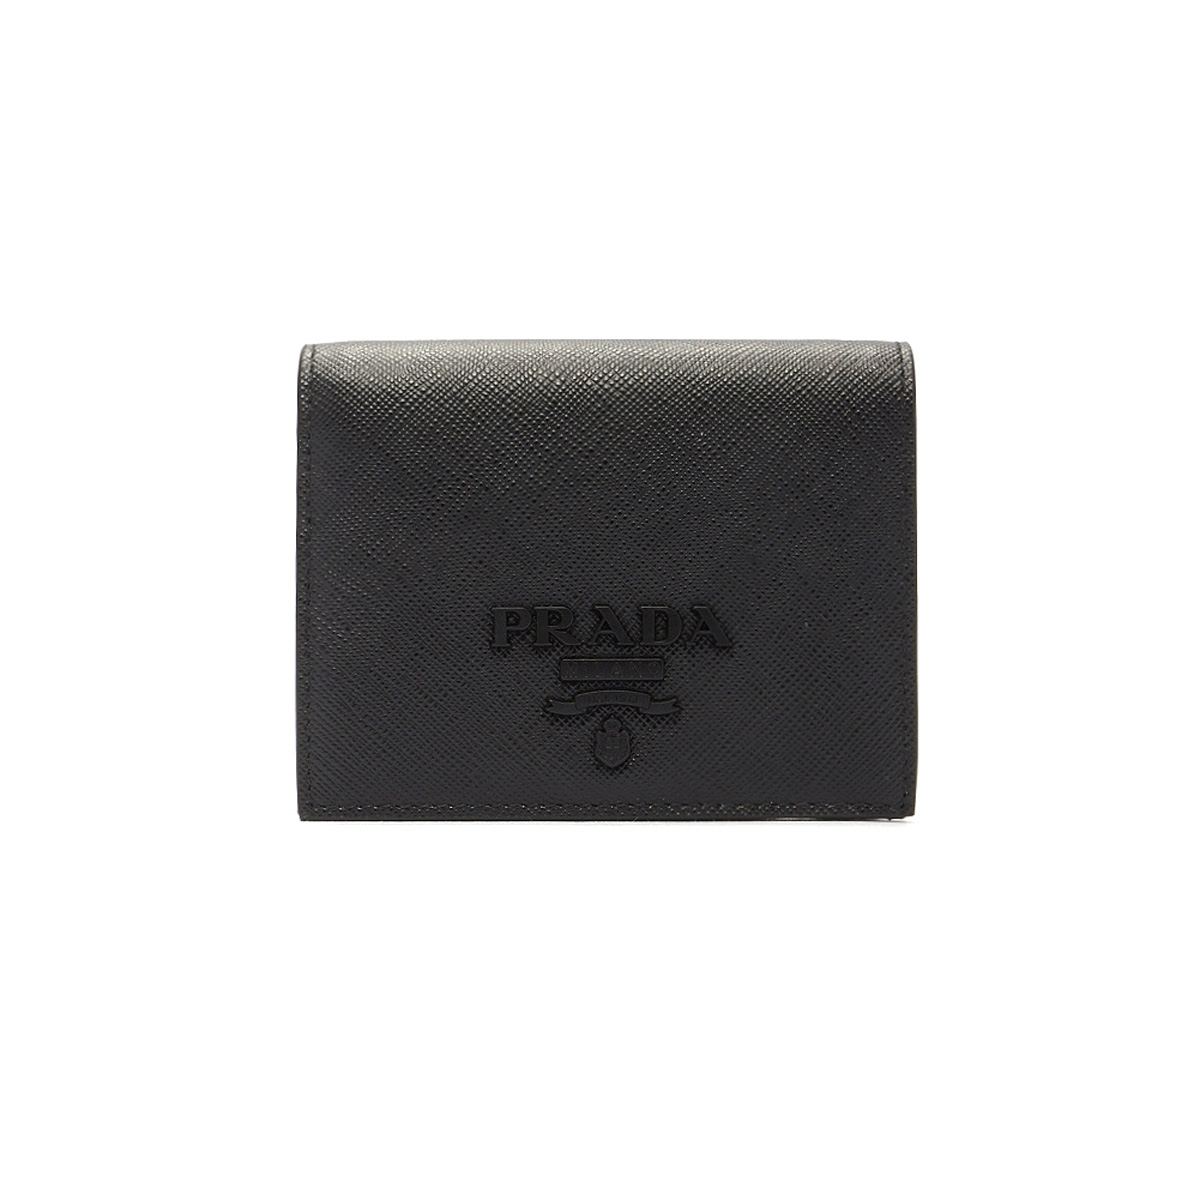 プラダ PRADA 財布 LEATHER WALLET レザーウォレット 1MV2042EBW 小銭入れ付き 二つ折り財布 F0002 NERO ブラック